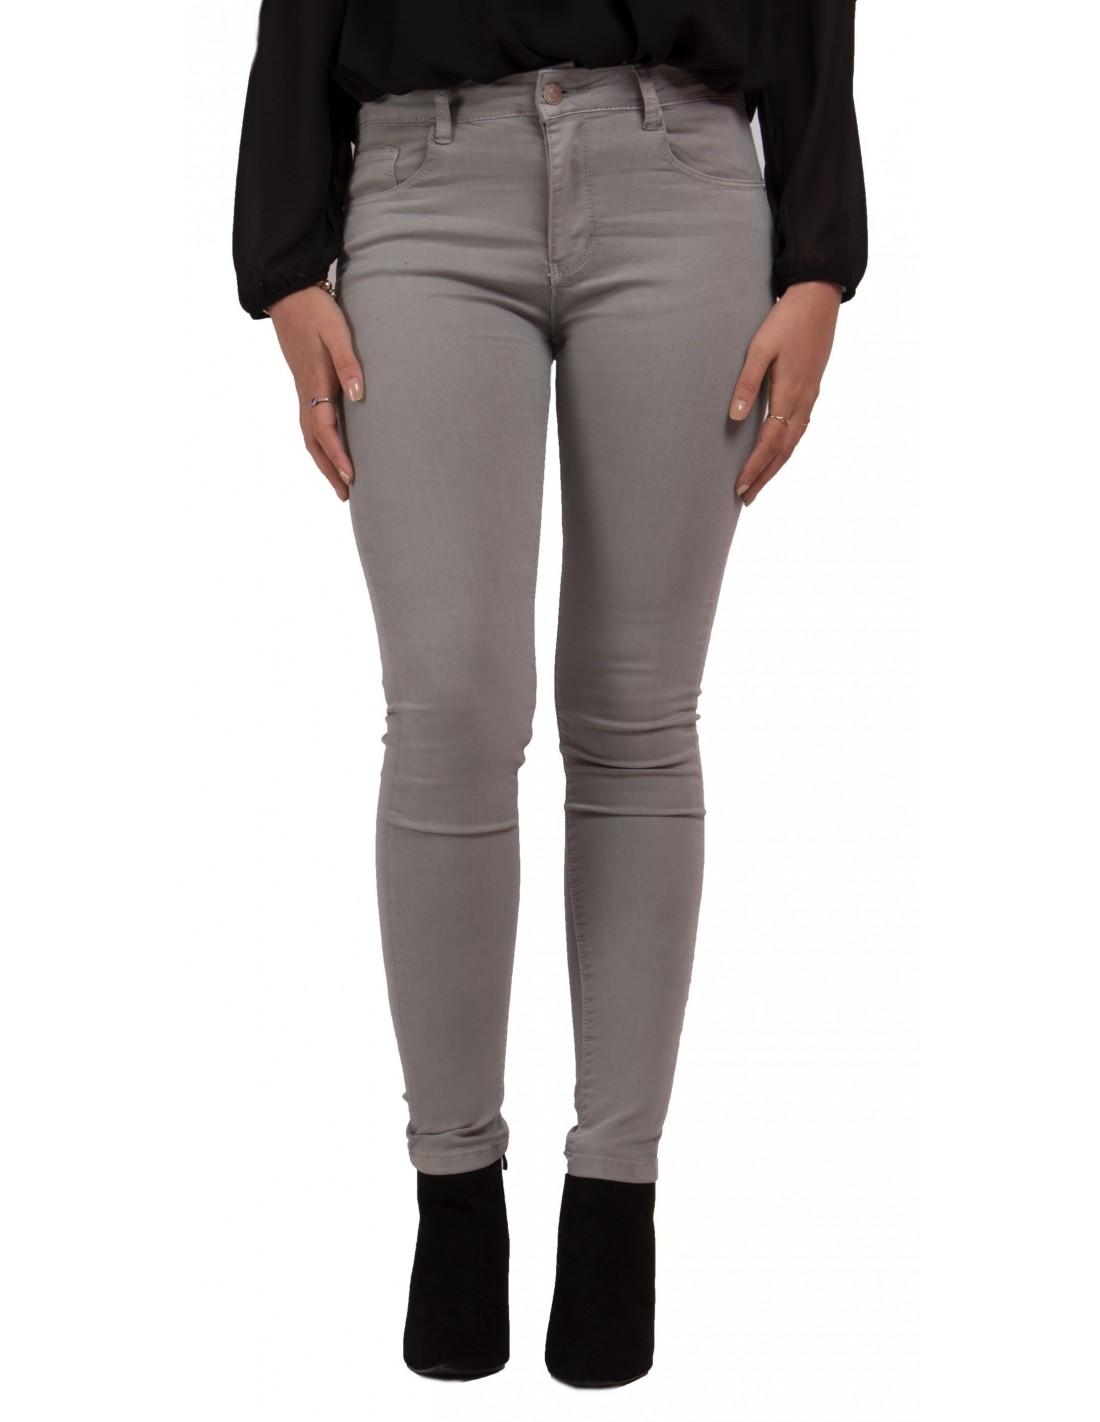 Jean slim gris clair femme taille haute coupe stretch du 34 au 42